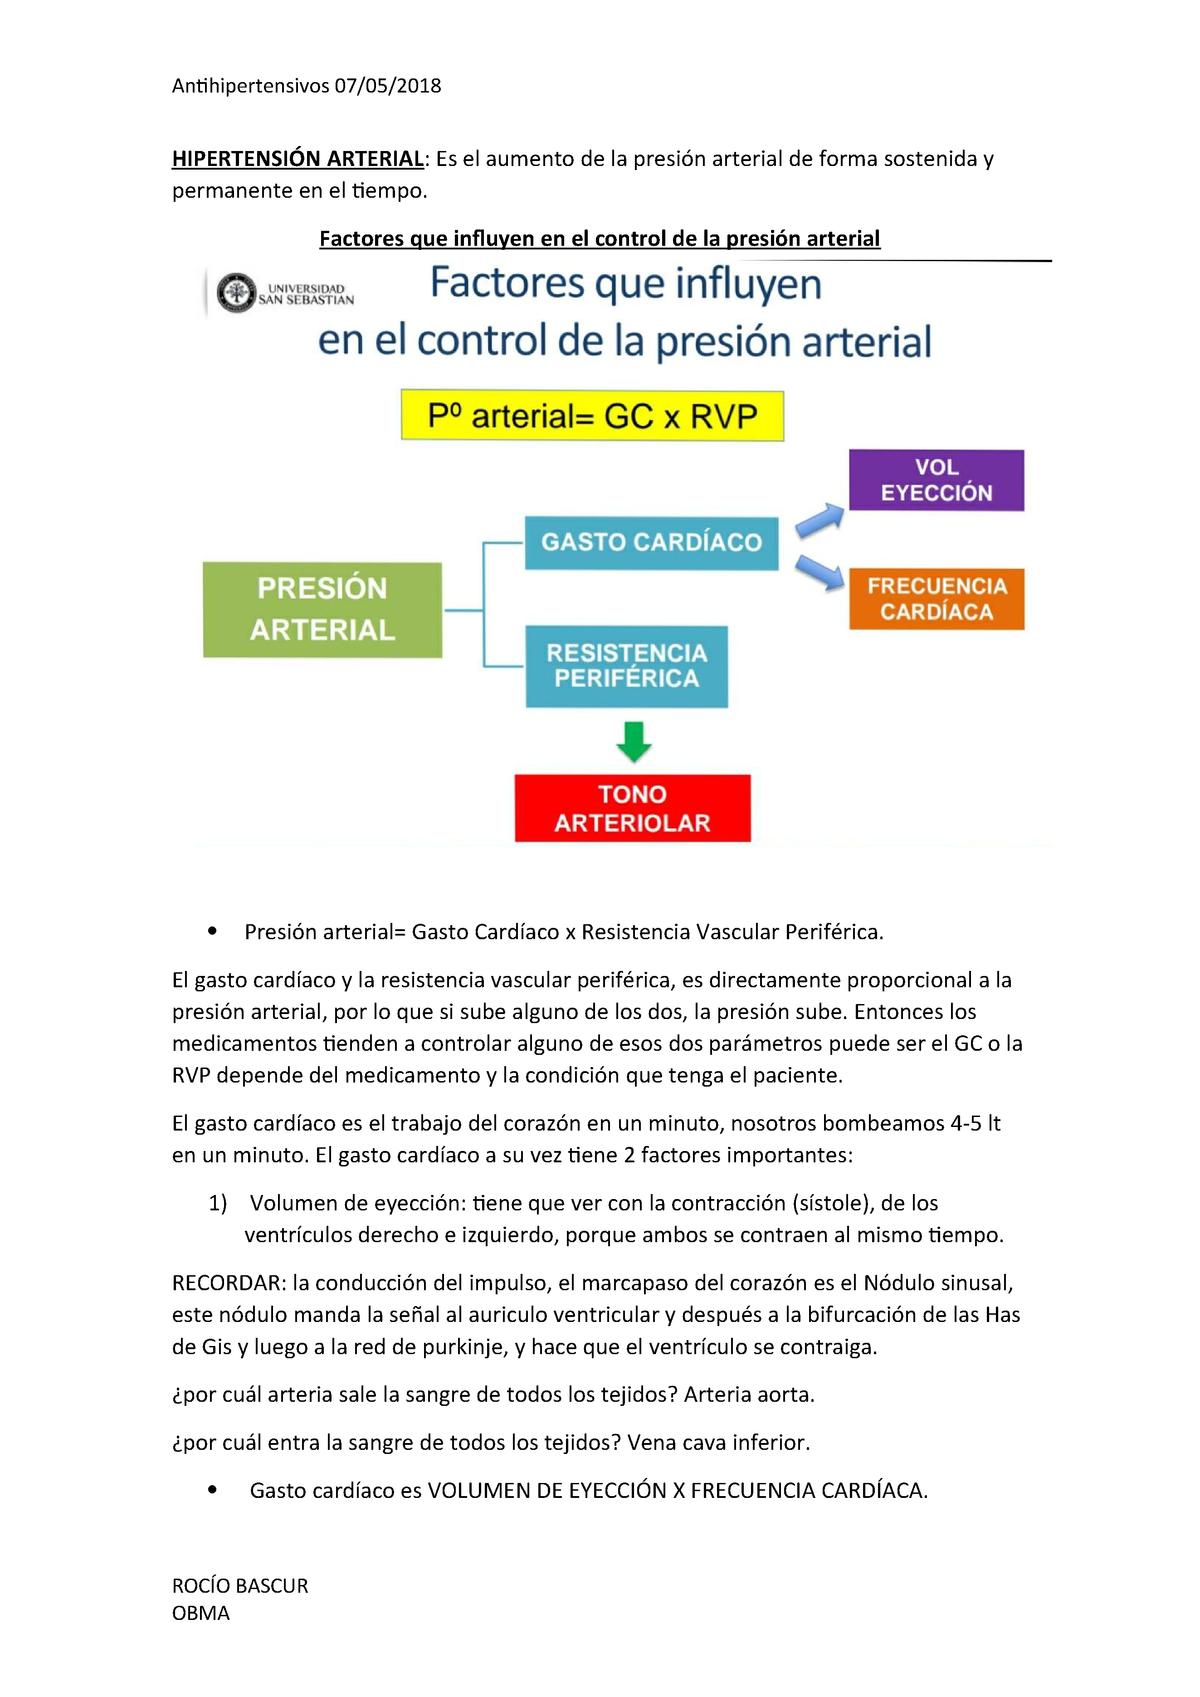 Factores que influyen en la presion arterial